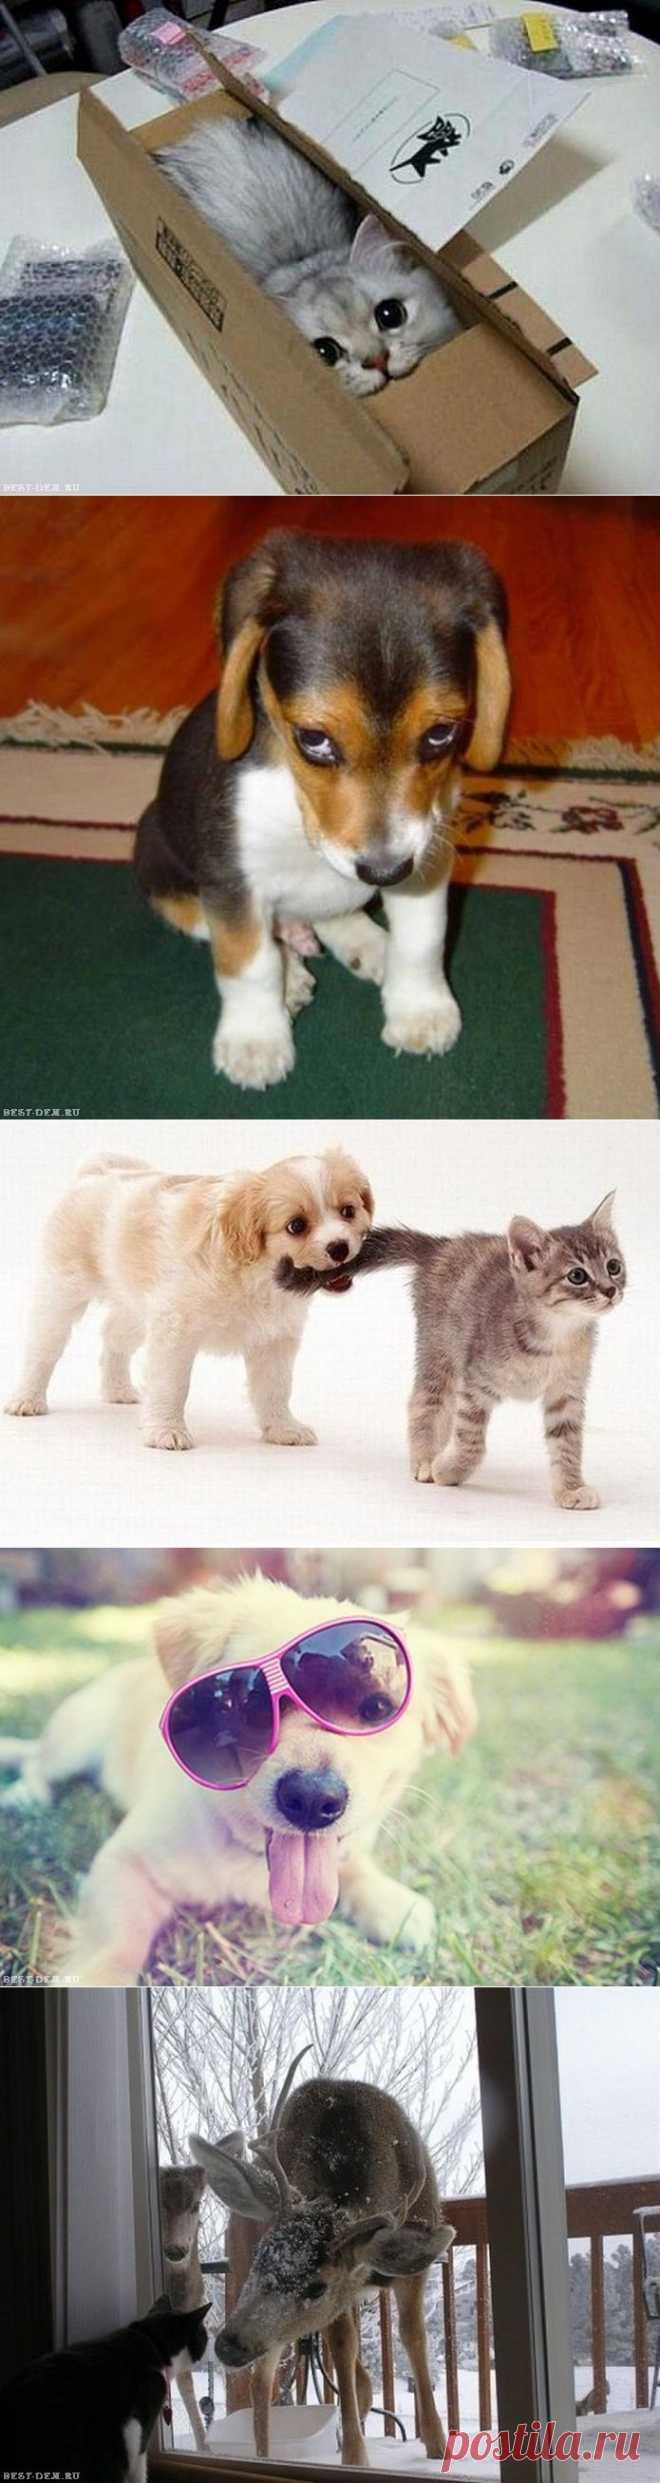 Прикольные и смешные животные. (47 фото)   Картинки животные